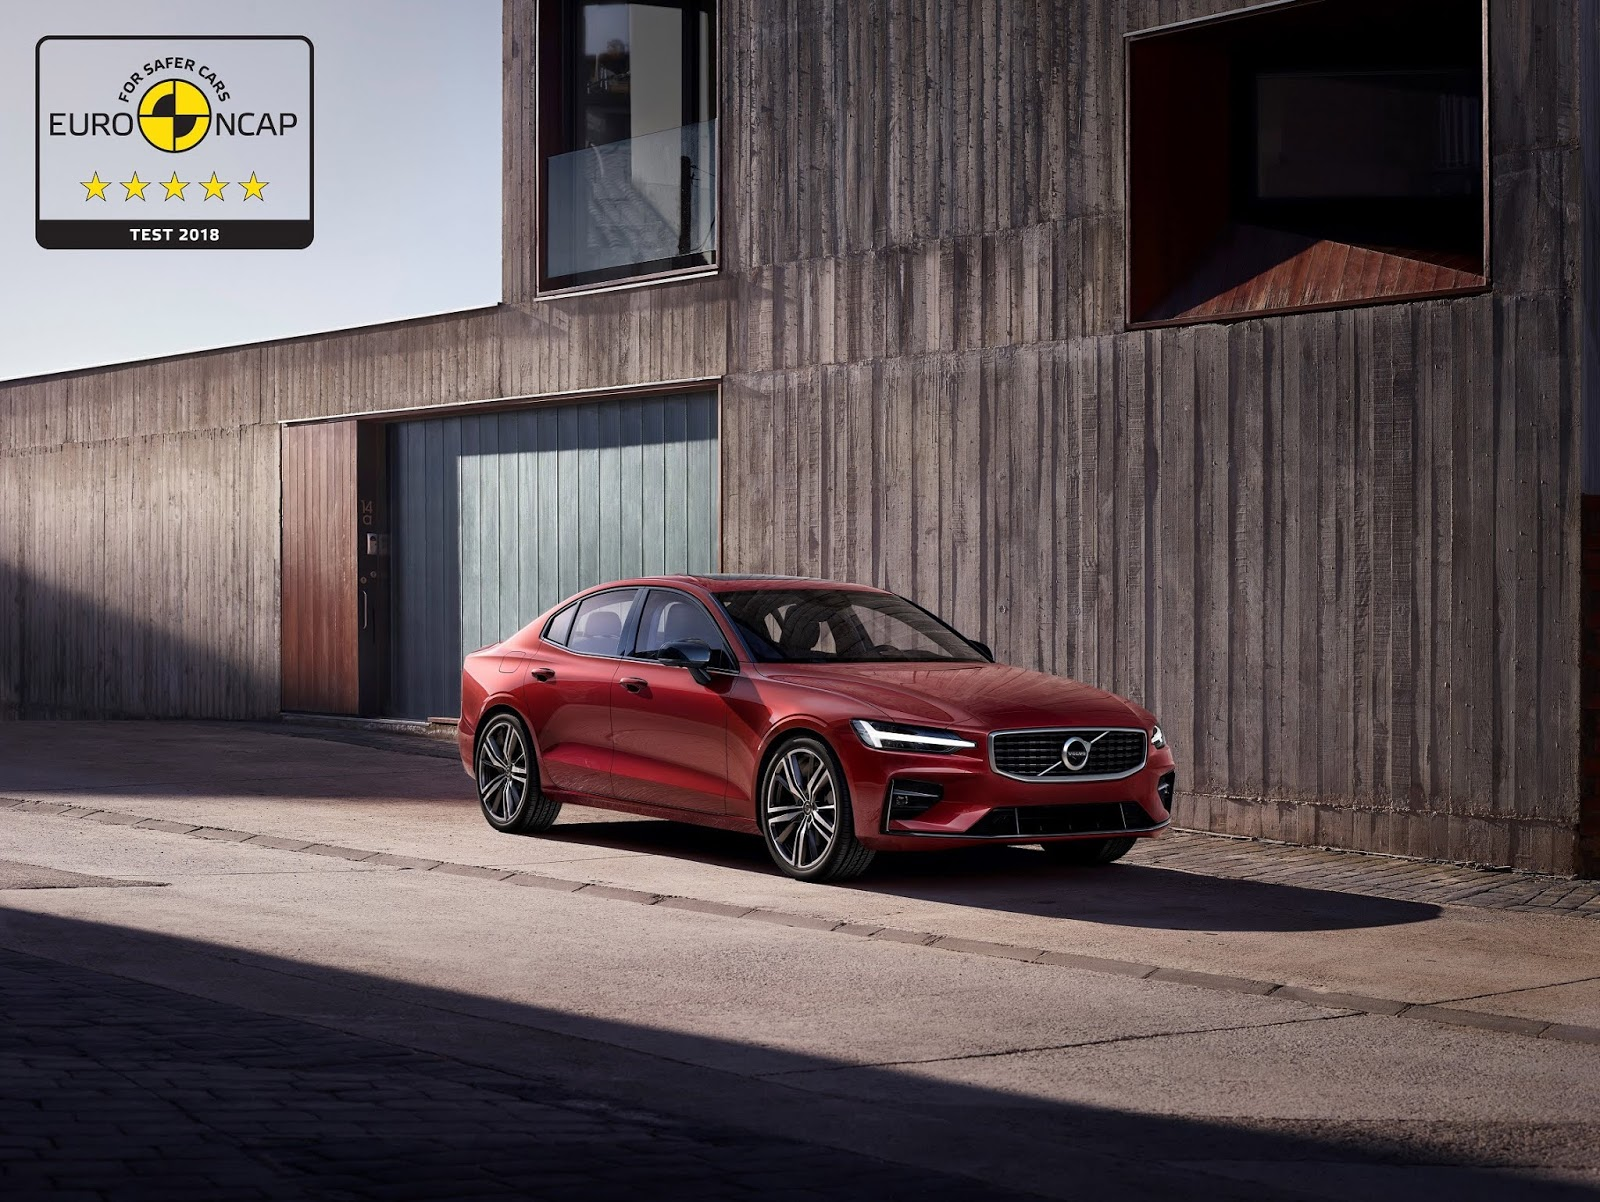 Τα S60 και V60 συνεχίζουν το σερί των 5 αστέρων για τη Volvo στις δοκιμές ασφαλείας του EuroNCAP